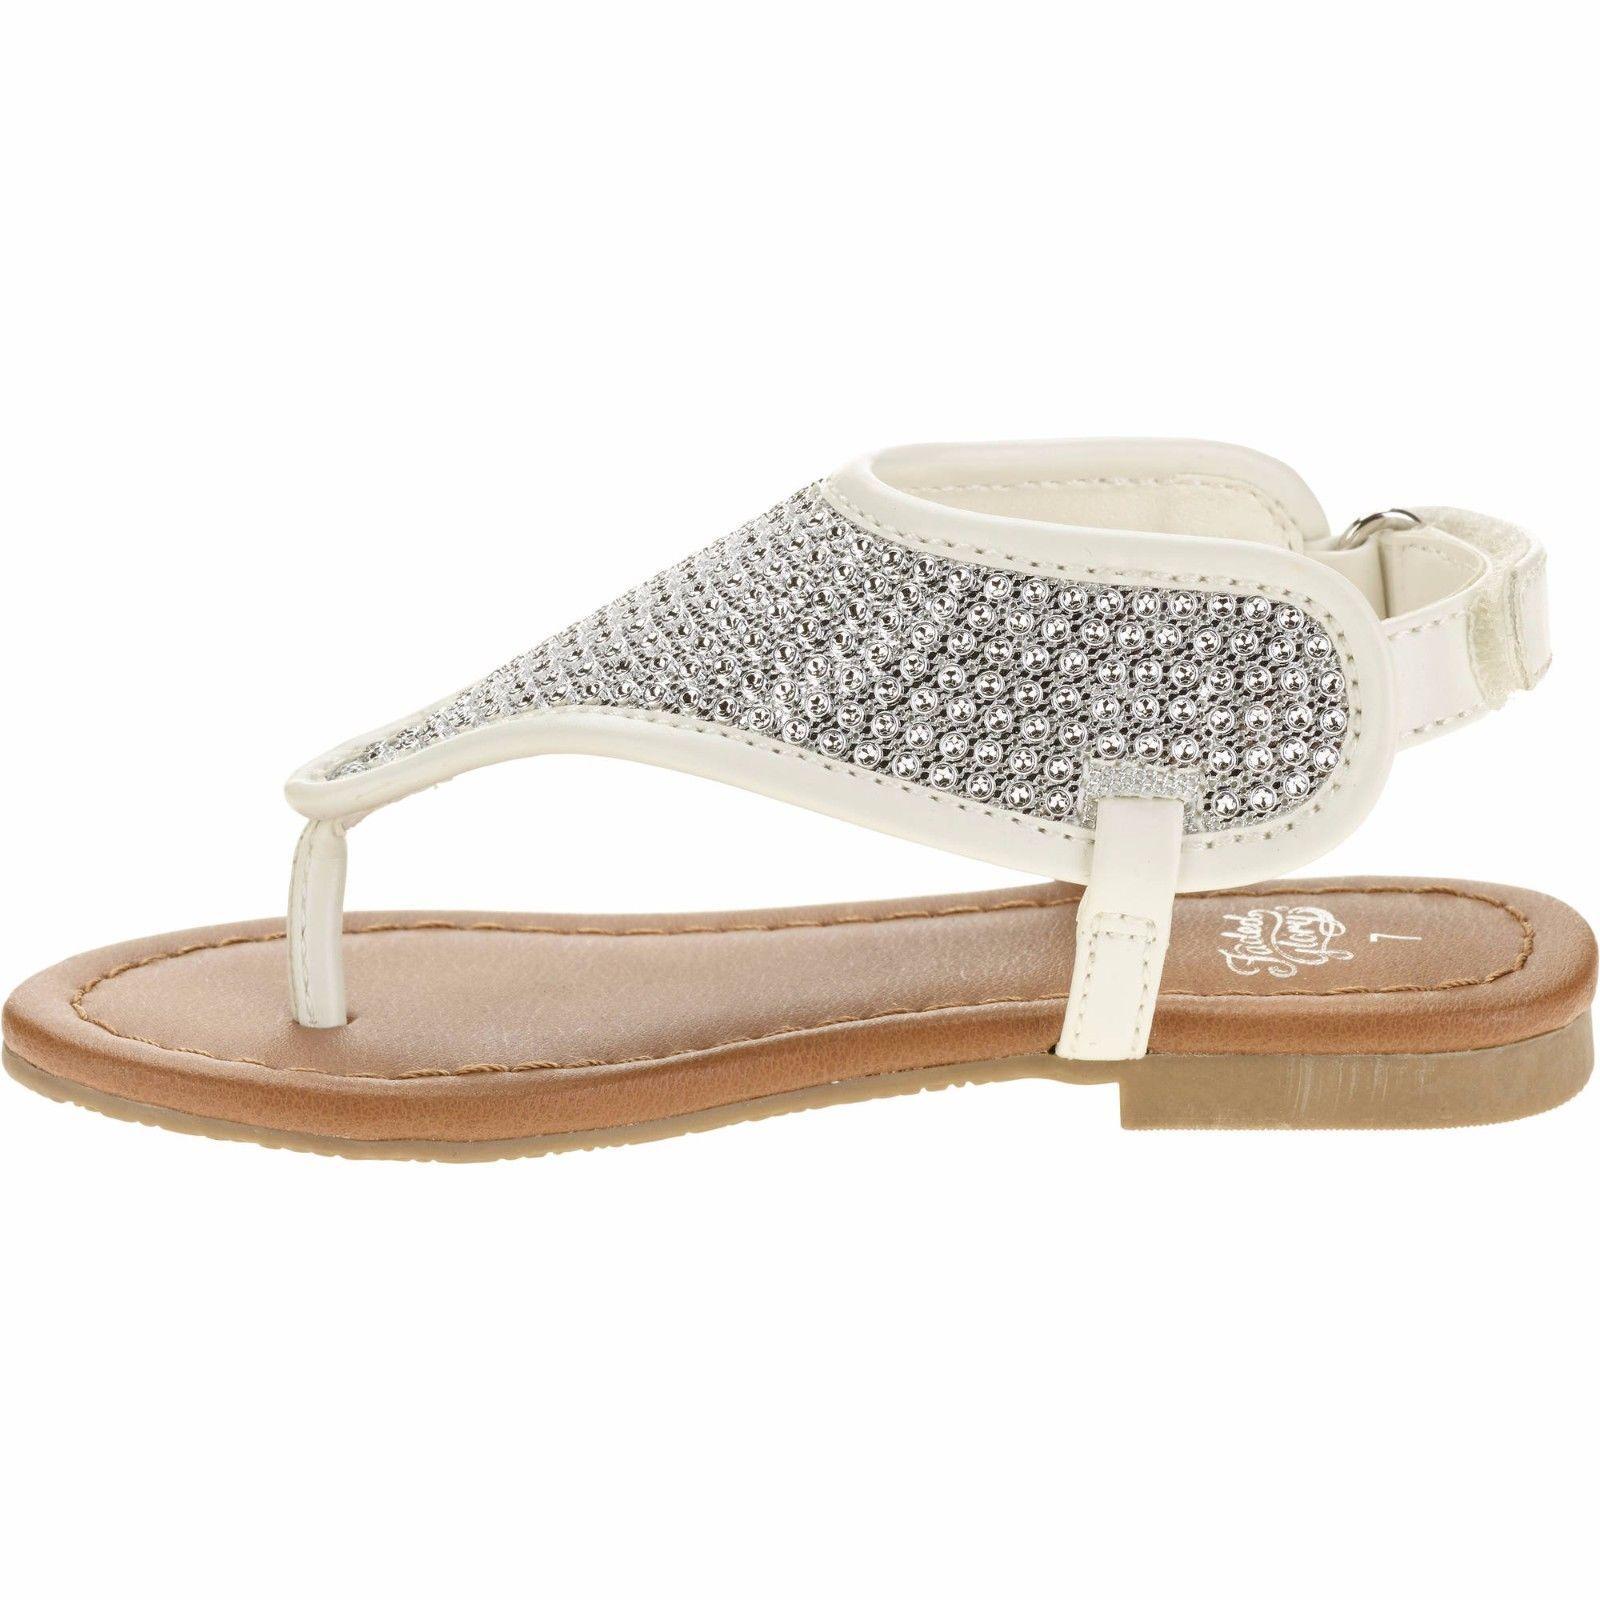 Garanimals Infant Toddler Girls Rhinestone Flip Flop Sandals Size 2 White